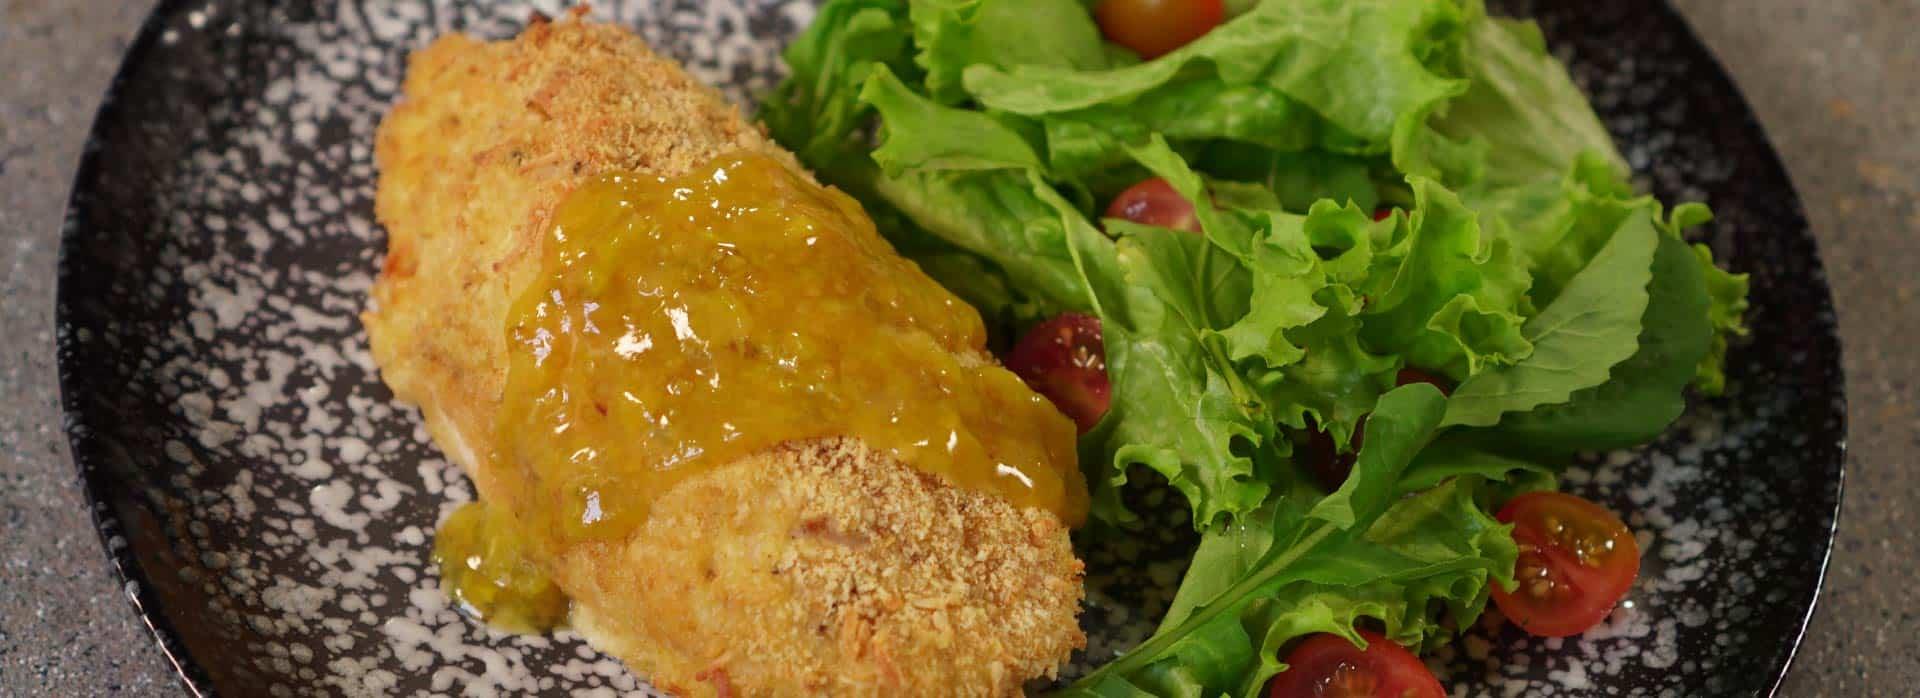 Receta de Cordon blue con salsa de lulo y hierbabuena